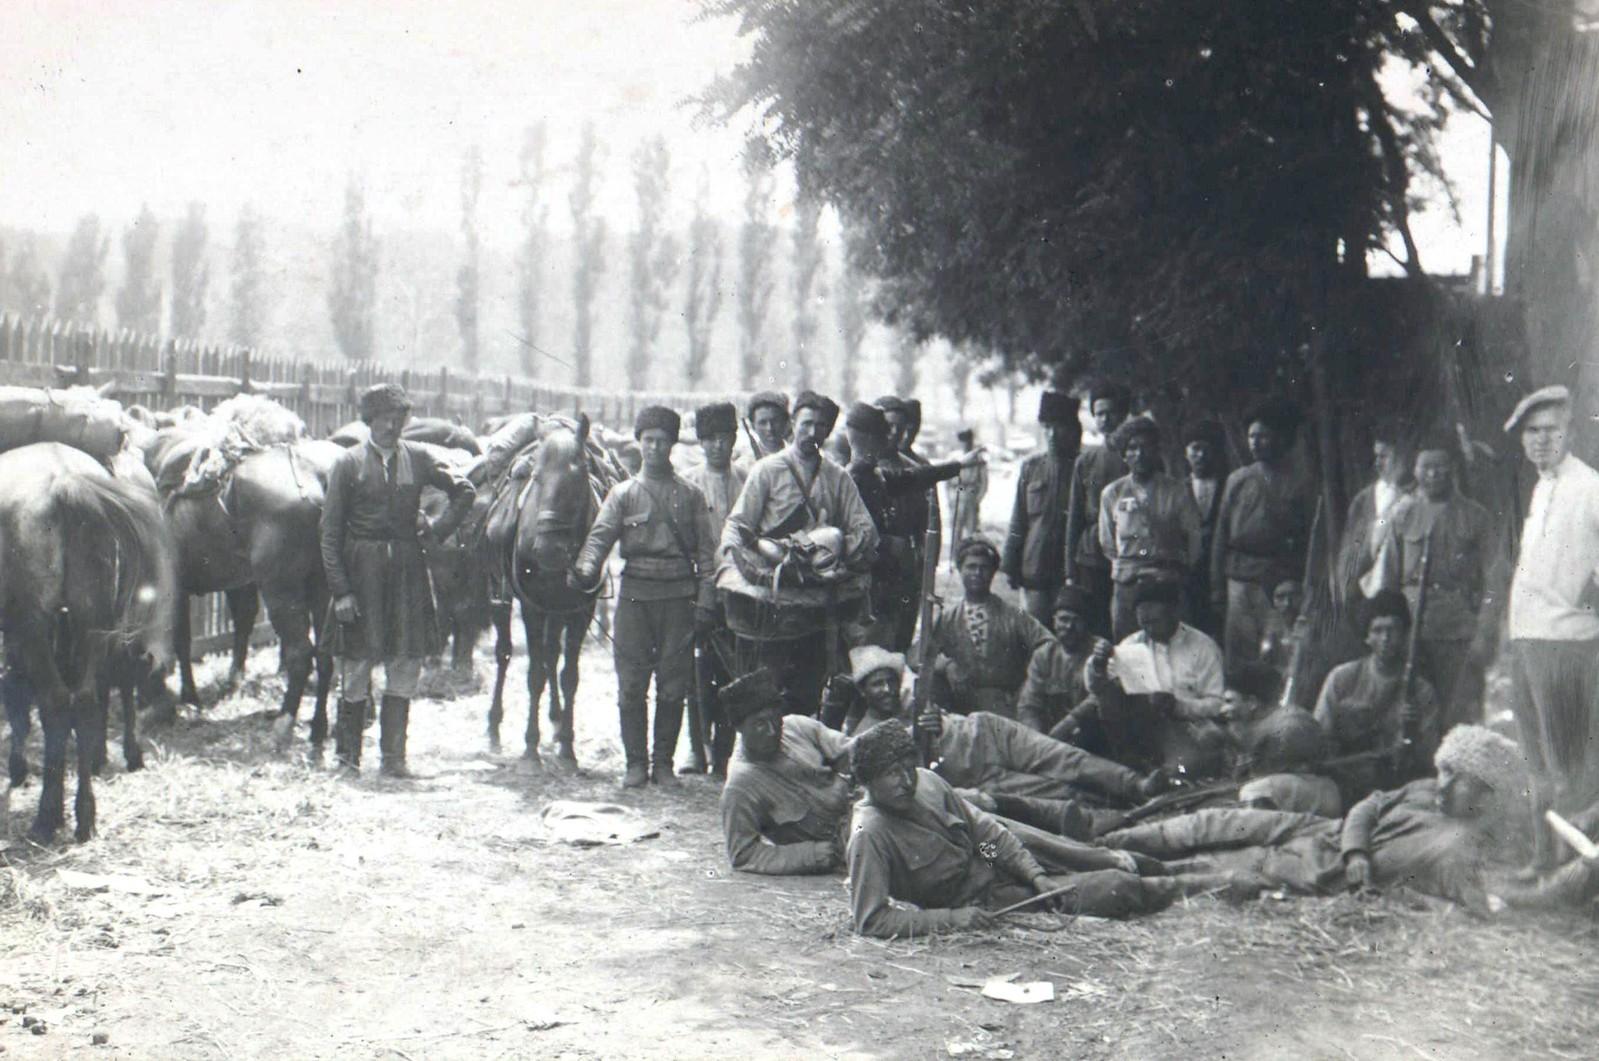 202. 1919. Войска 1-й Кавказской конной дивизии в освобожденном Екатеринославе